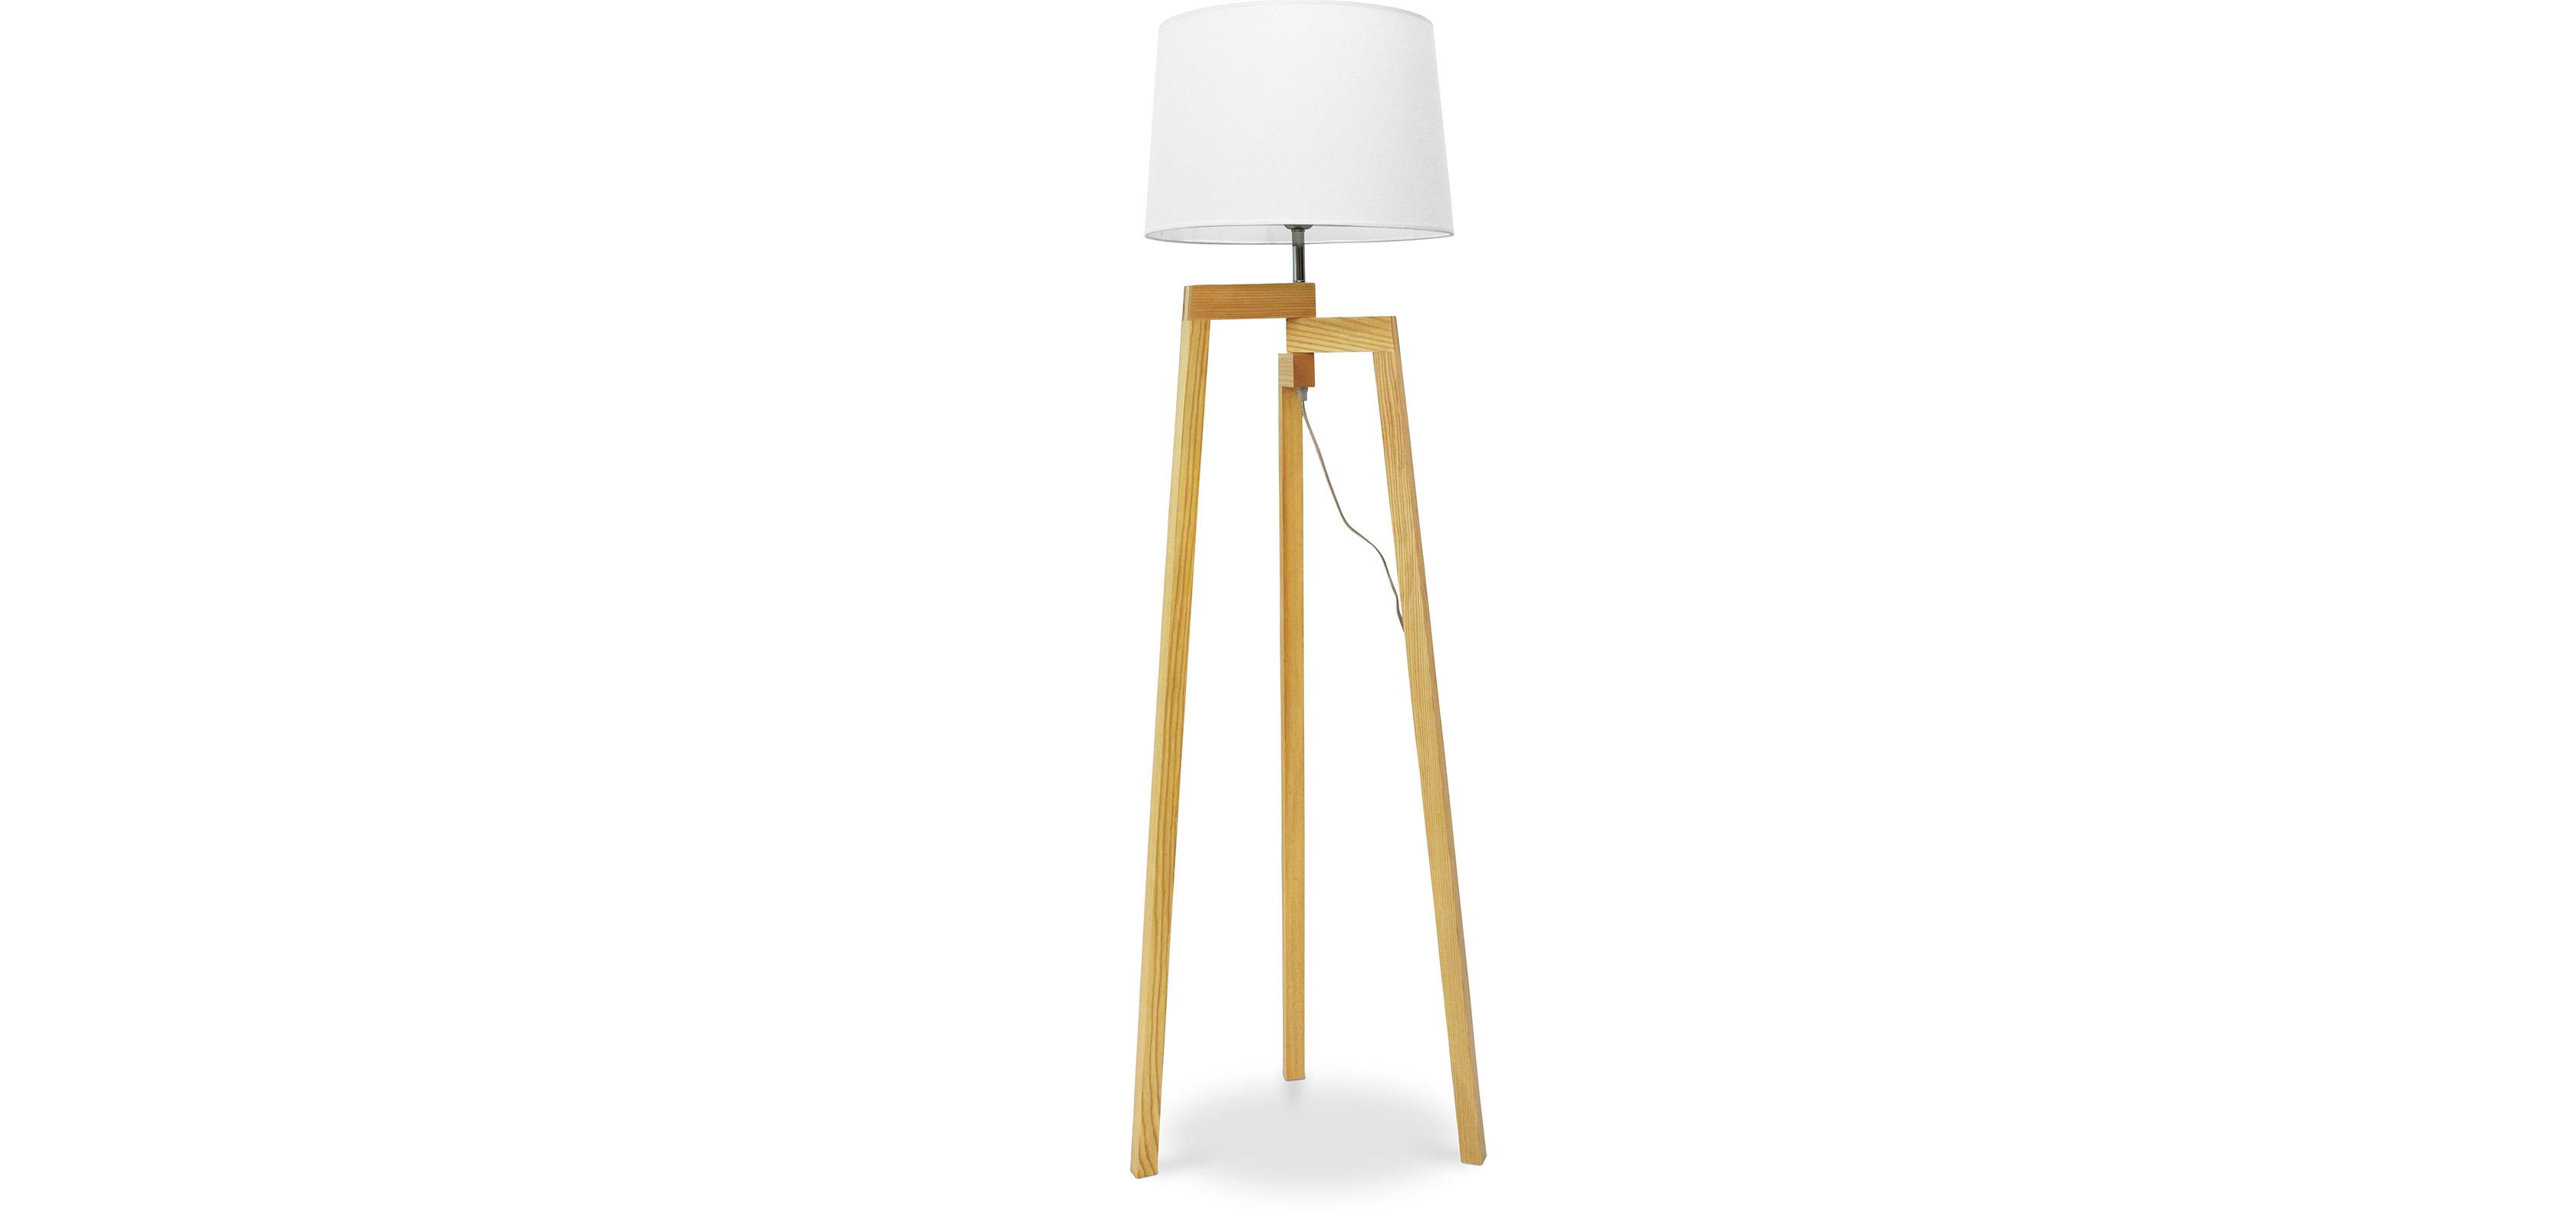 lampadaire tr pied style nordique bois. Black Bedroom Furniture Sets. Home Design Ideas